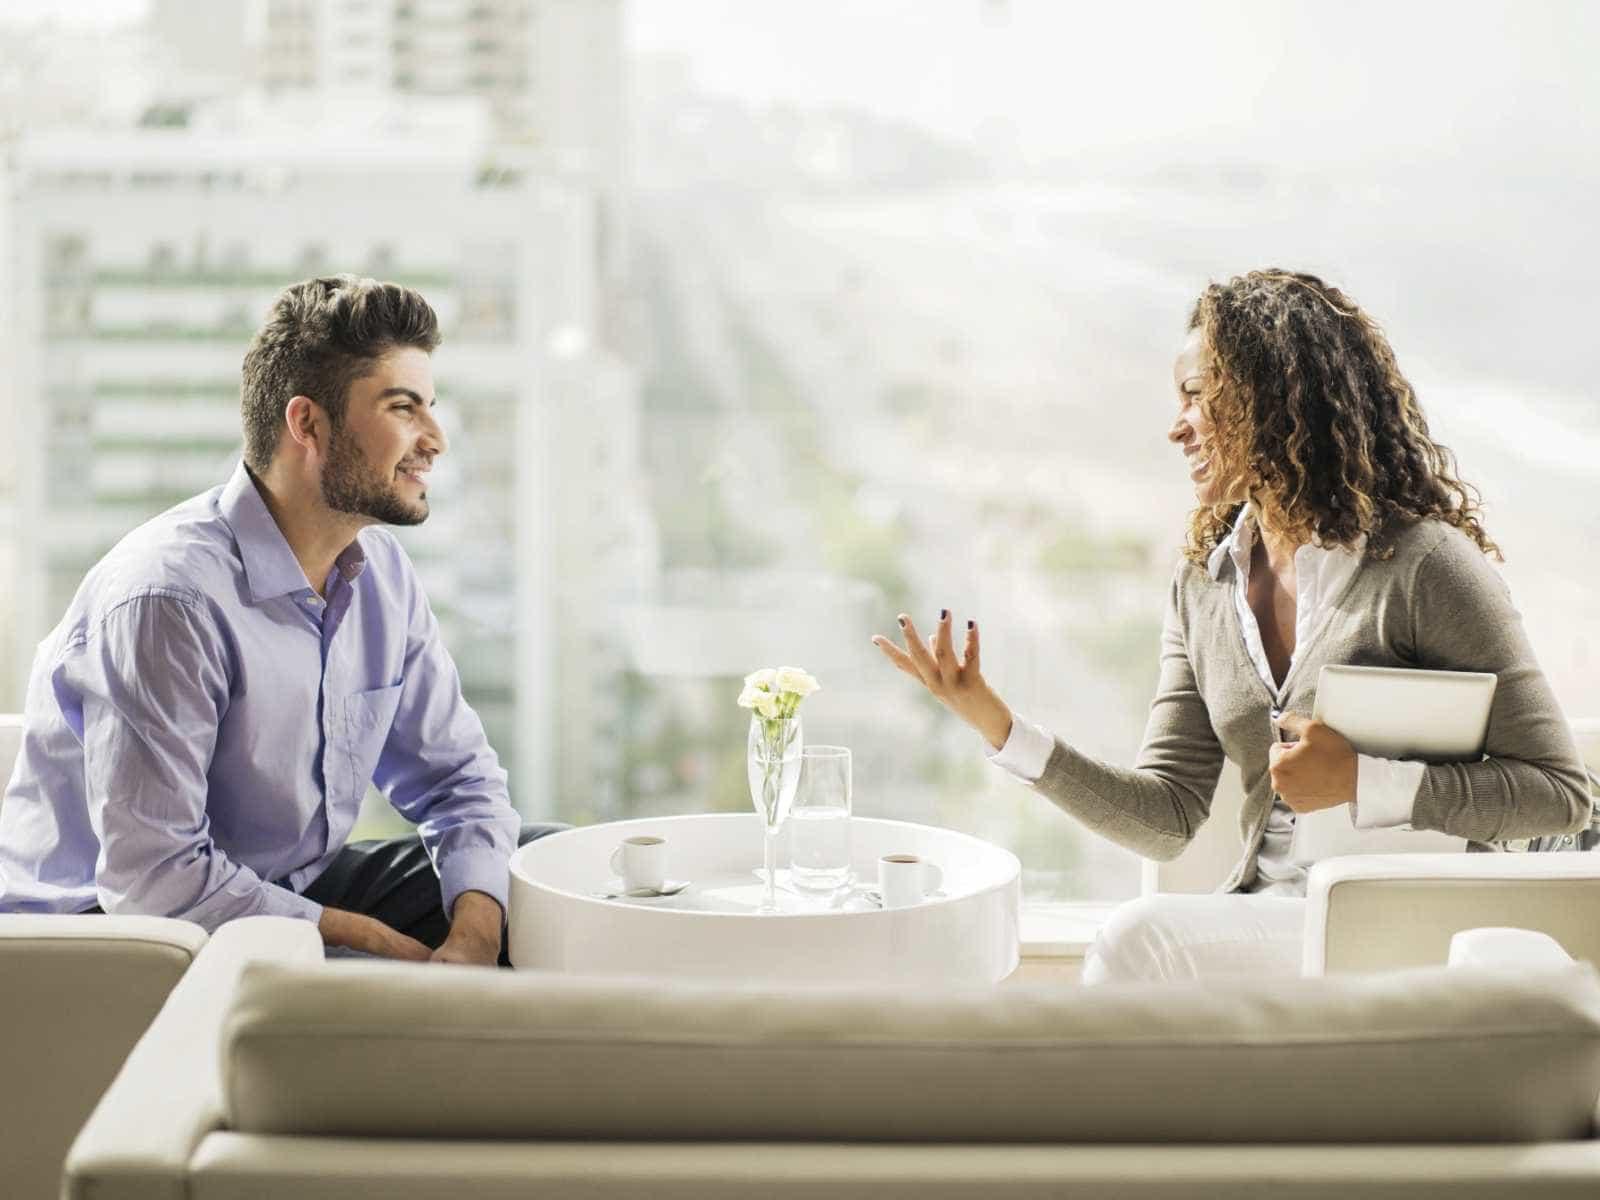 Há diferença salarial entre homens e mulheres no Brasil?